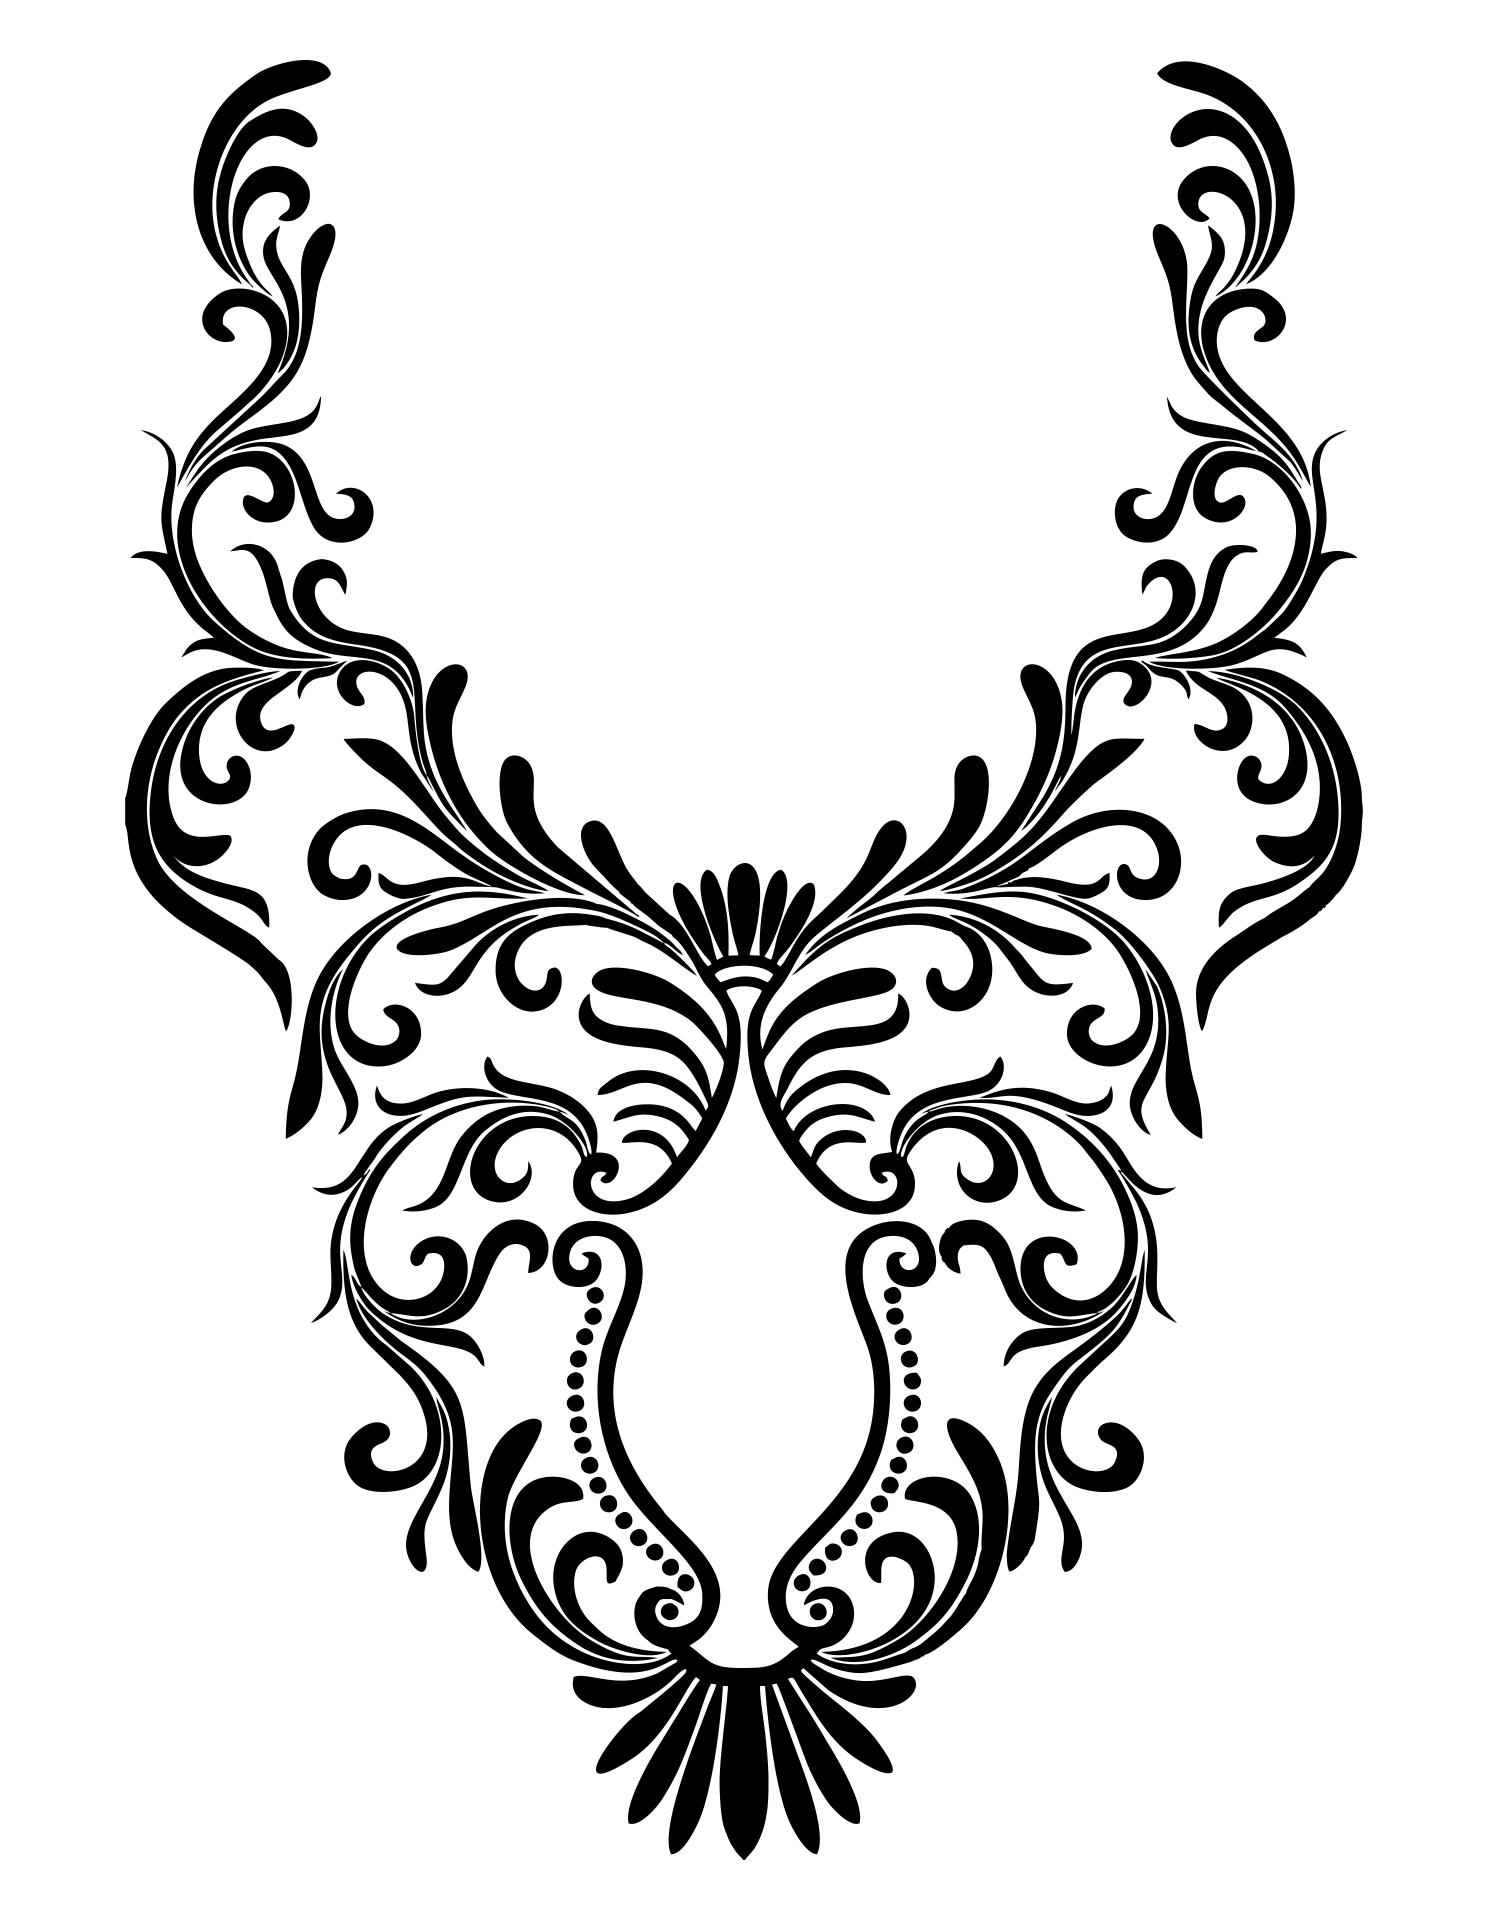 All Machine Embroidery Design